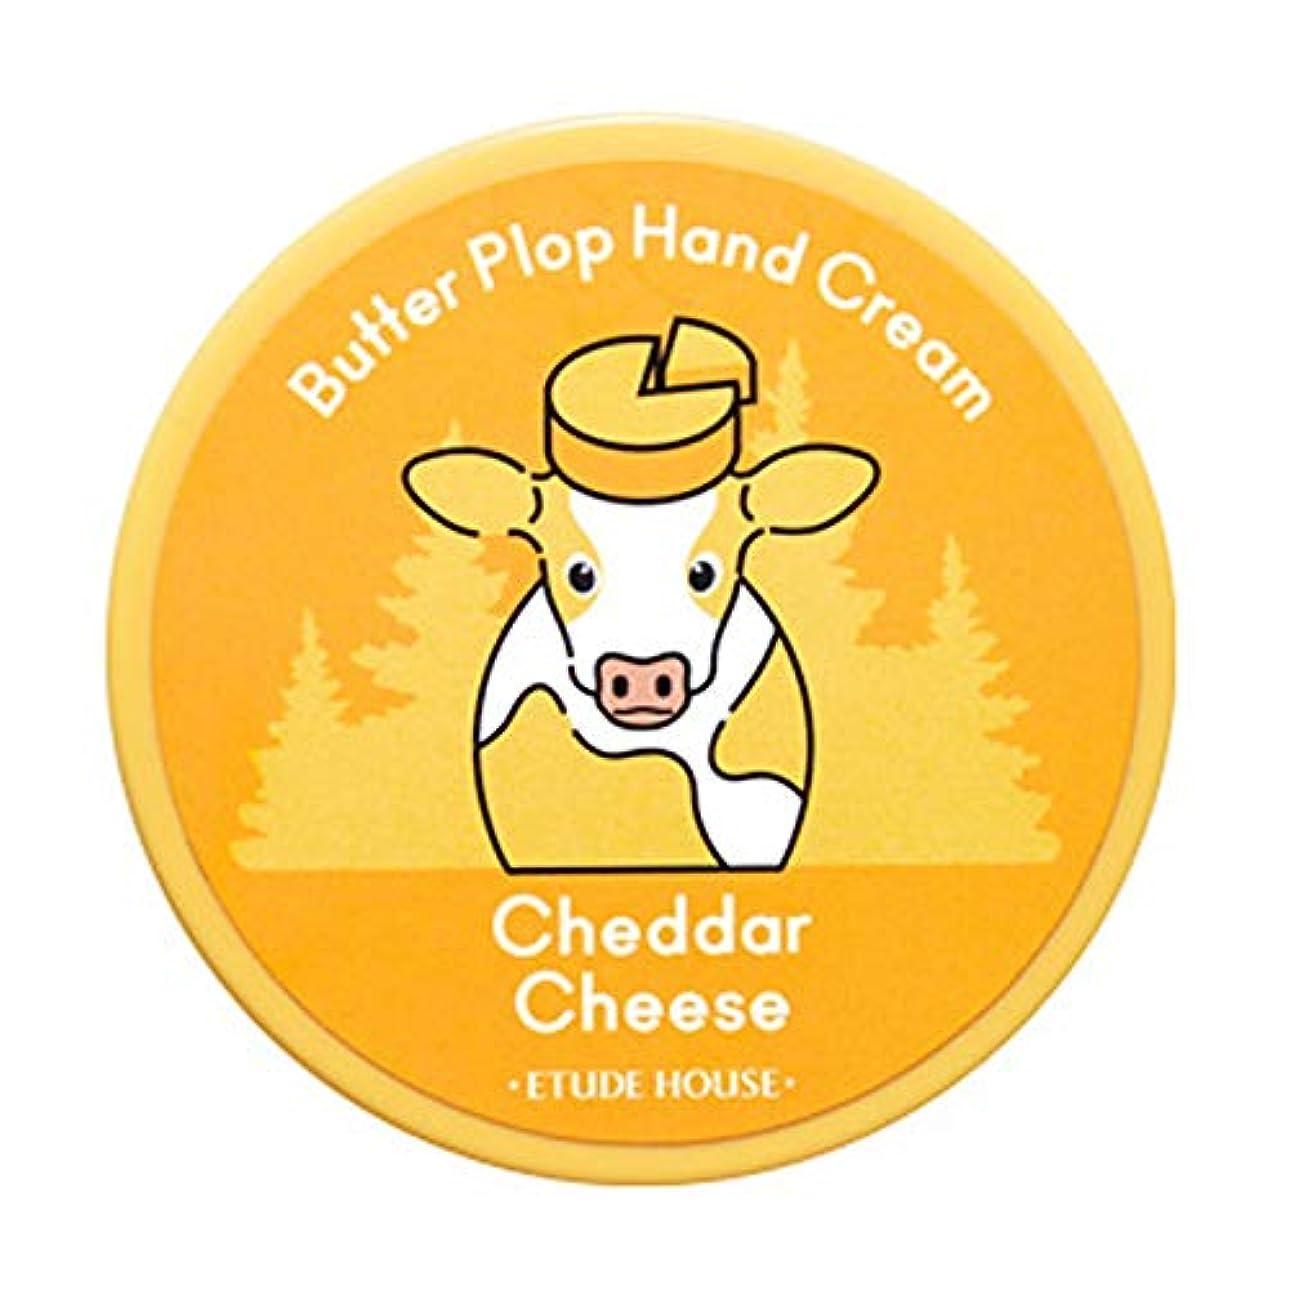 マイナス息を切らして仕出しますEtude House Butter Plop Hand Cream 25ml エチュードハウス バターぽちゃんハンドクリーム (#04 Cheddar Cheese) [並行輸入品]